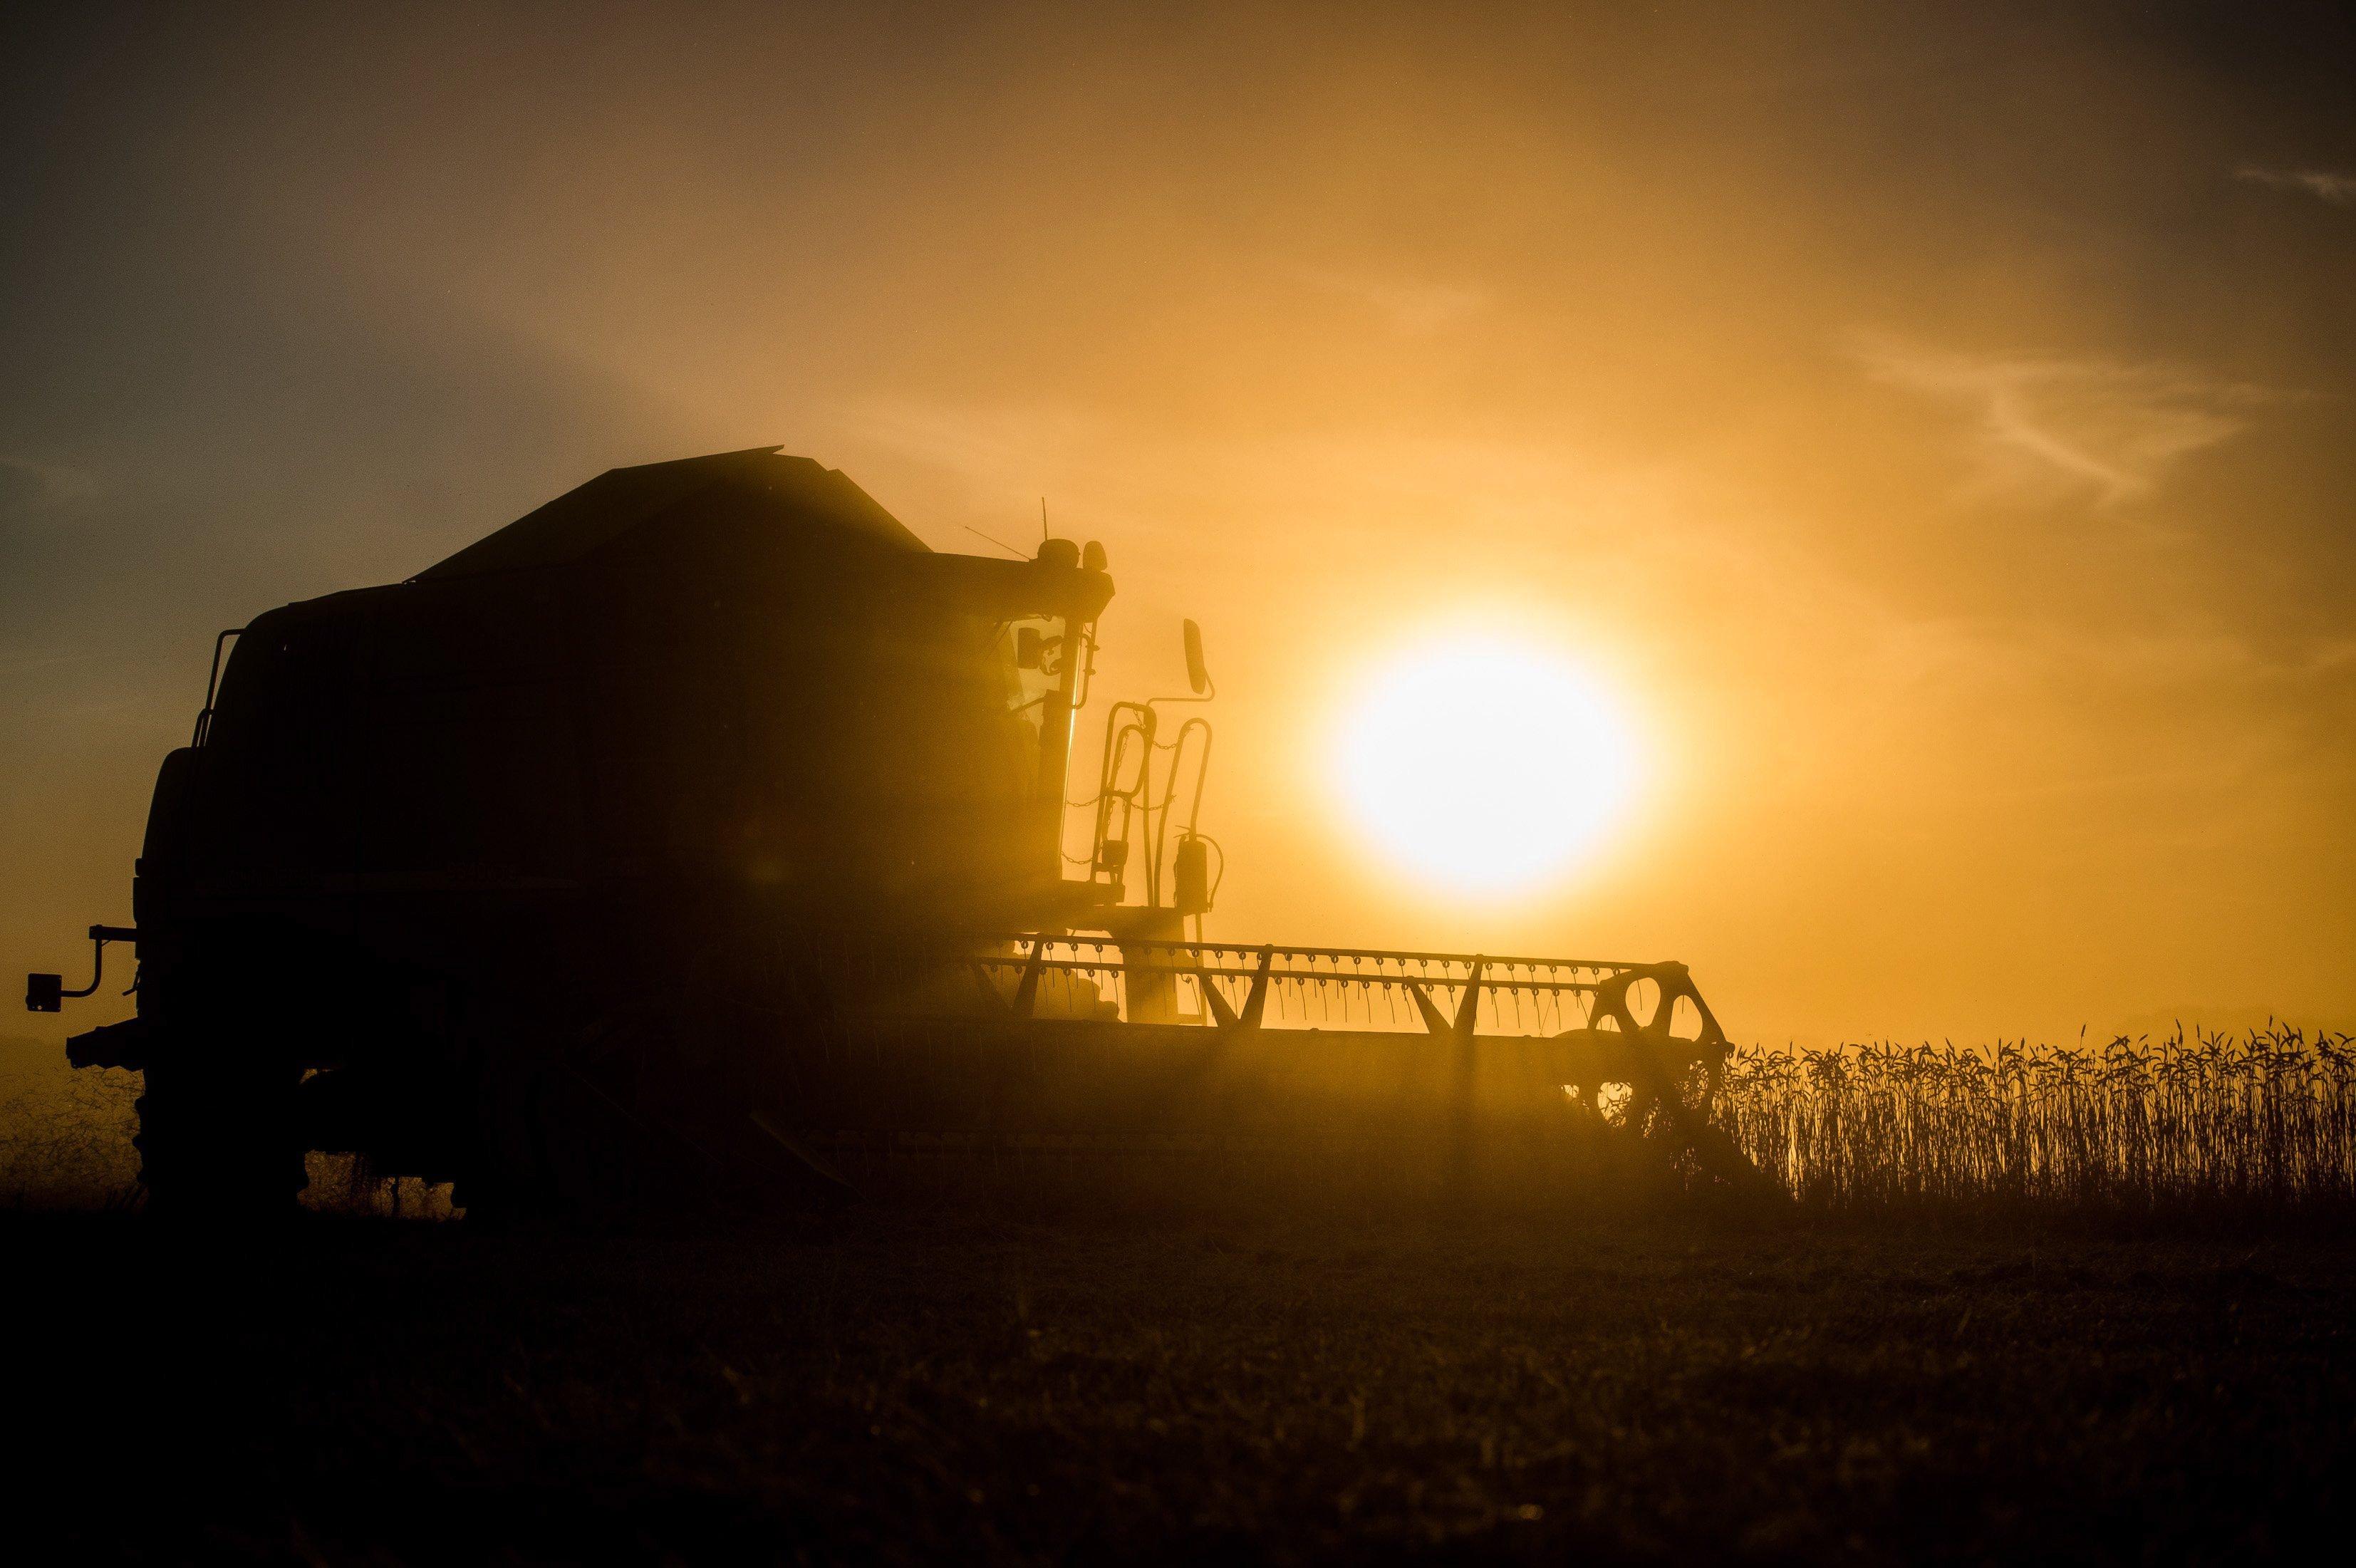 Az aszály sokkal nagyobb problémája a magyar mezőgazdaságnak, mint a koronavírus